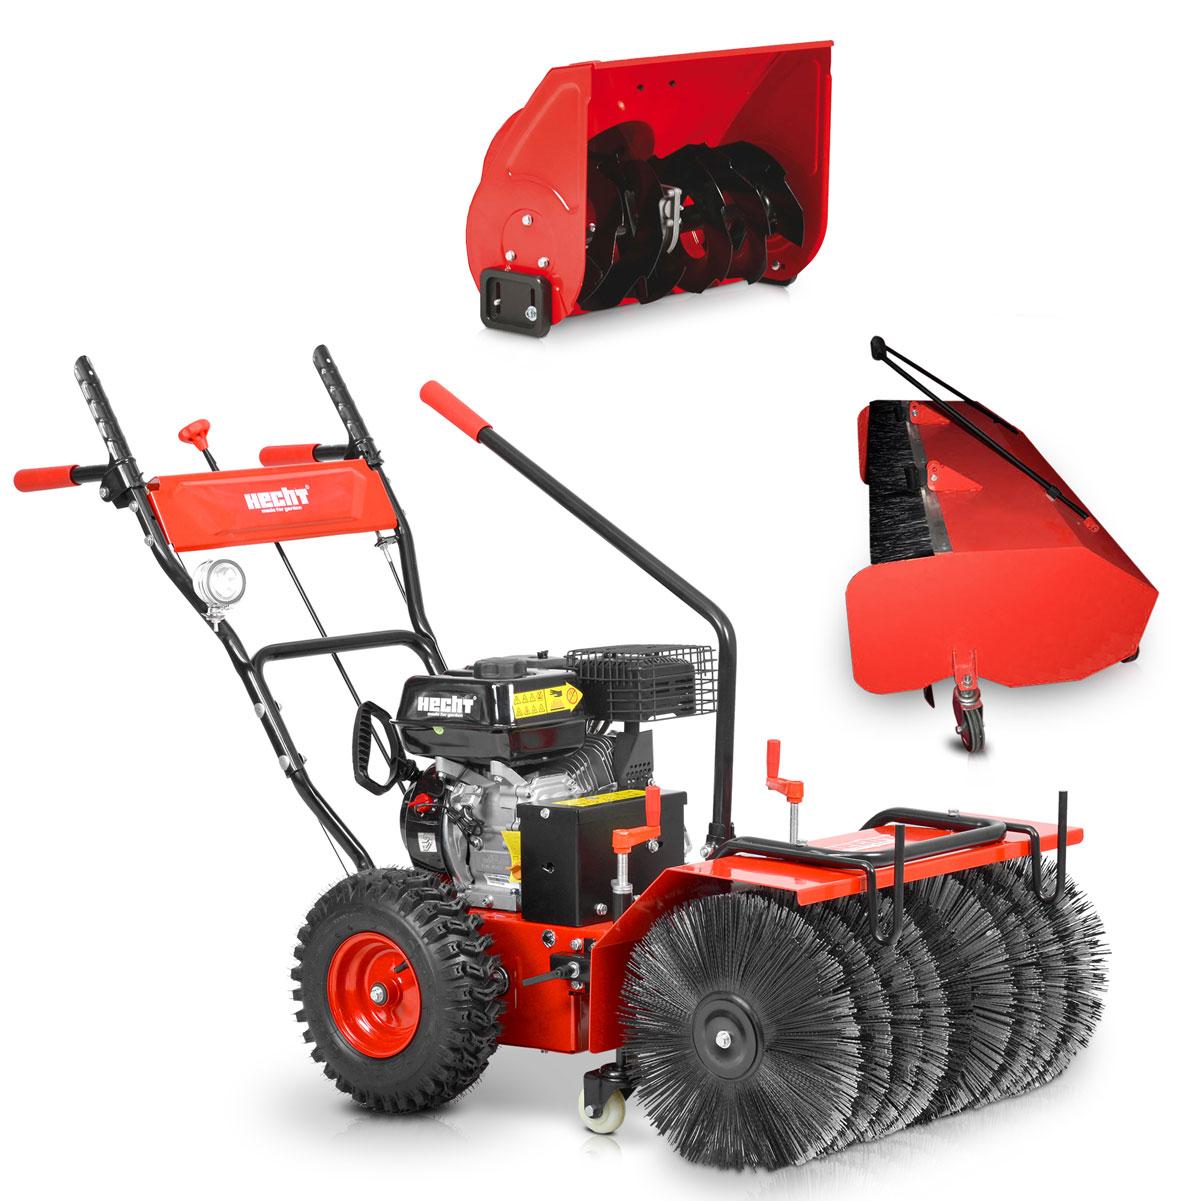 hecht 8616 se kehrmaschine kombi gerät schneefräse motorbesen mit